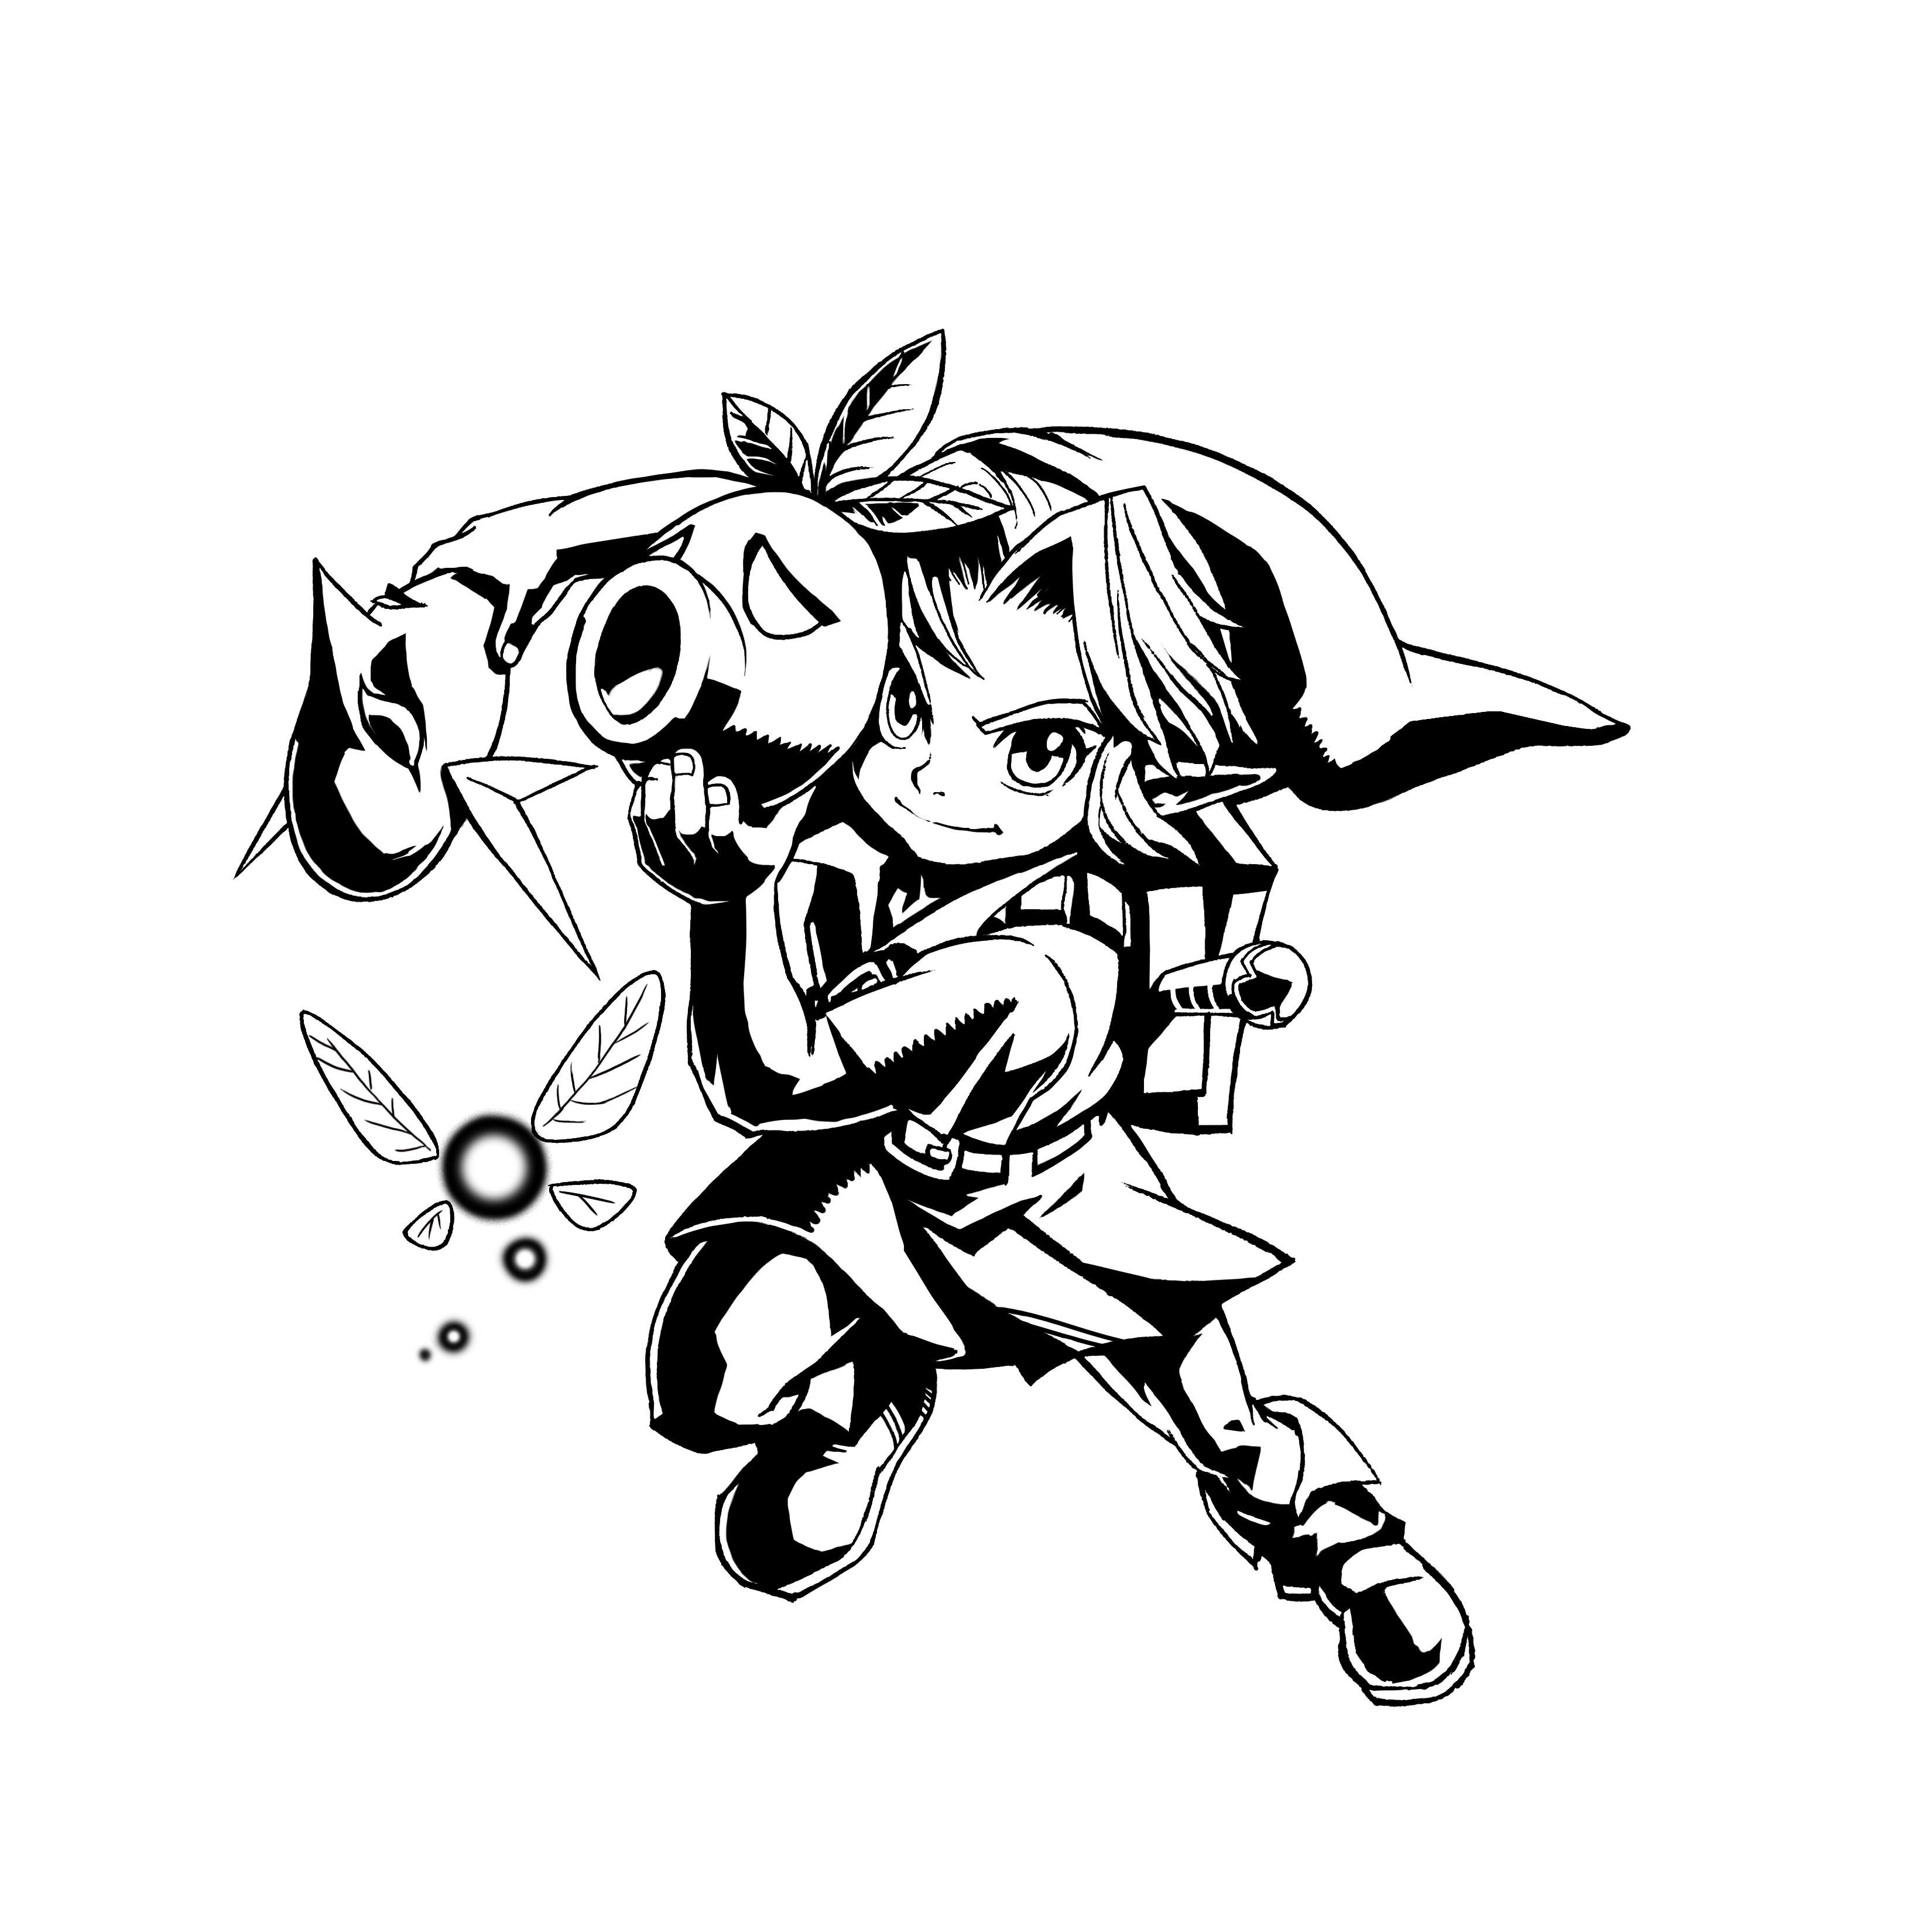 Legend Of Zelda Majora S Mask Coloring Pages